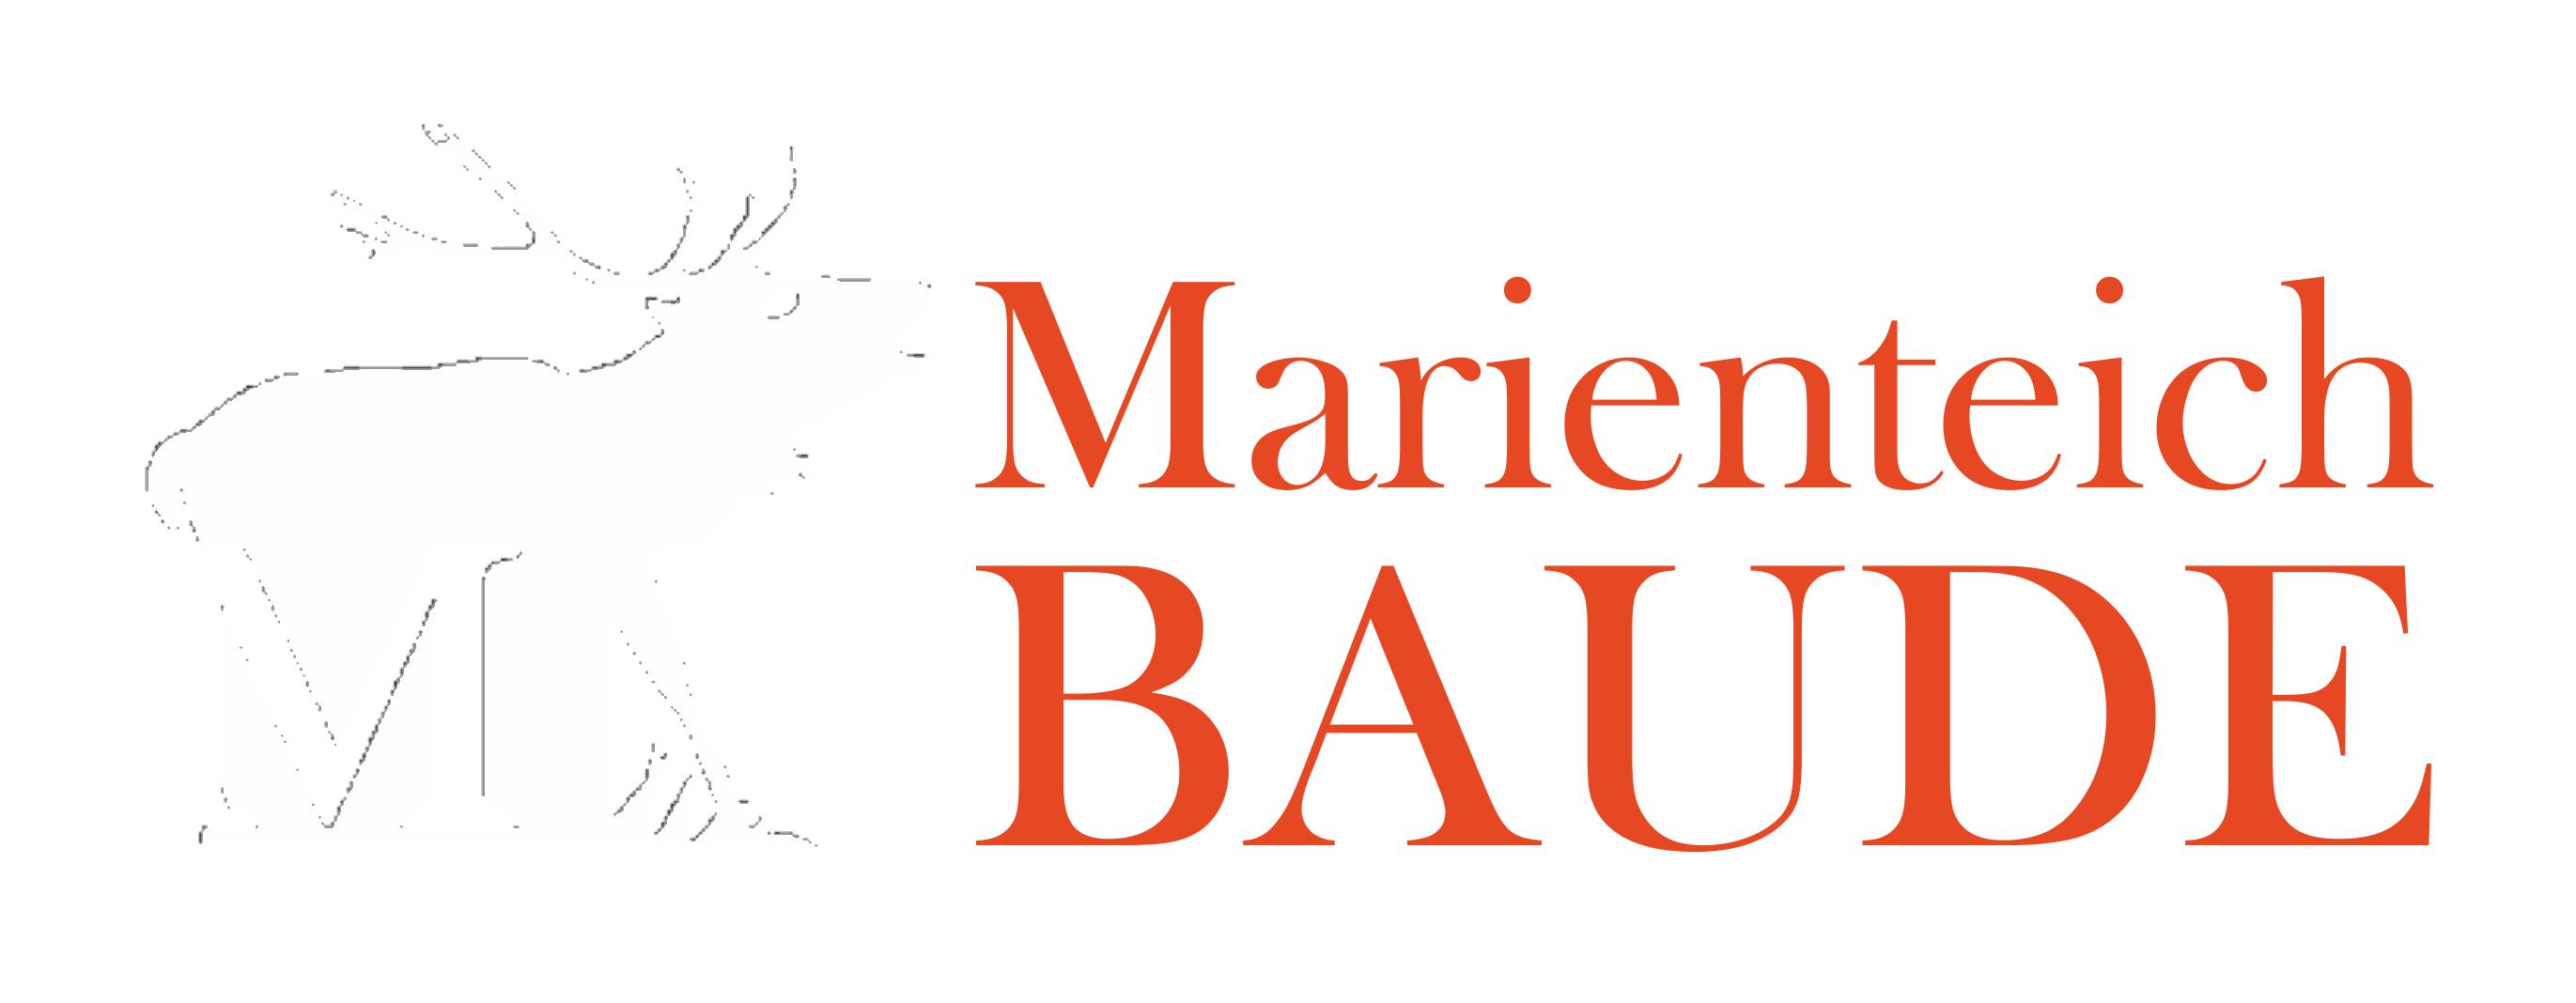 Marienteichbaude